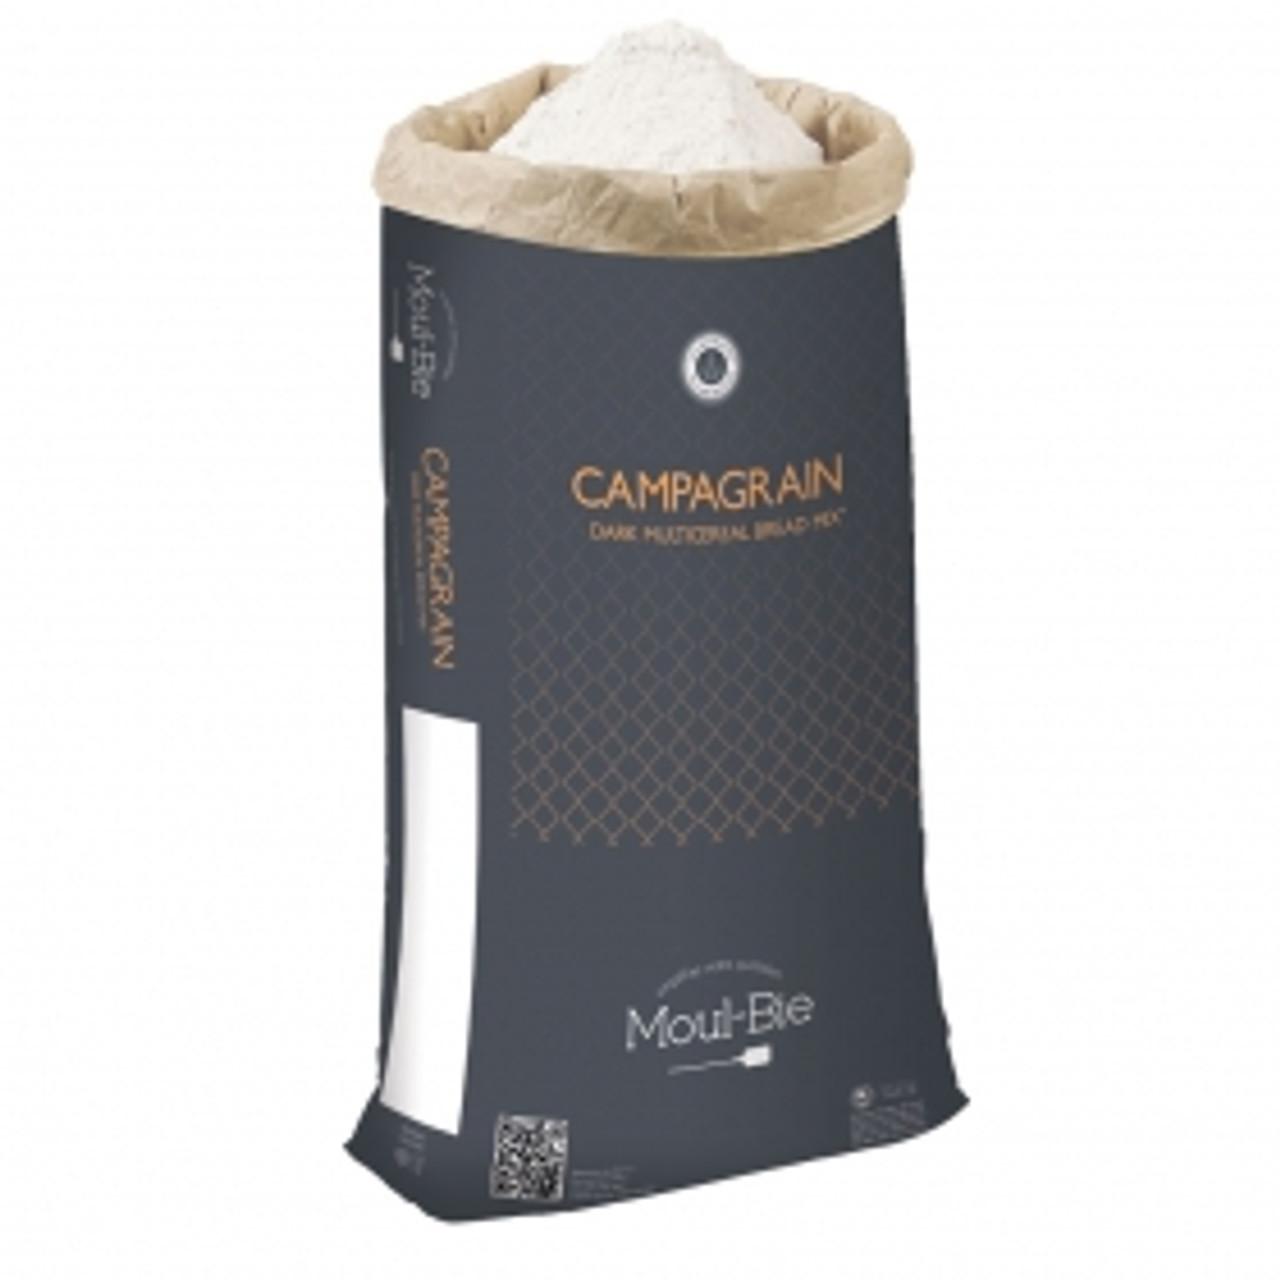 Flour - Moulbie Campagrain Multigrain Mix 25kg